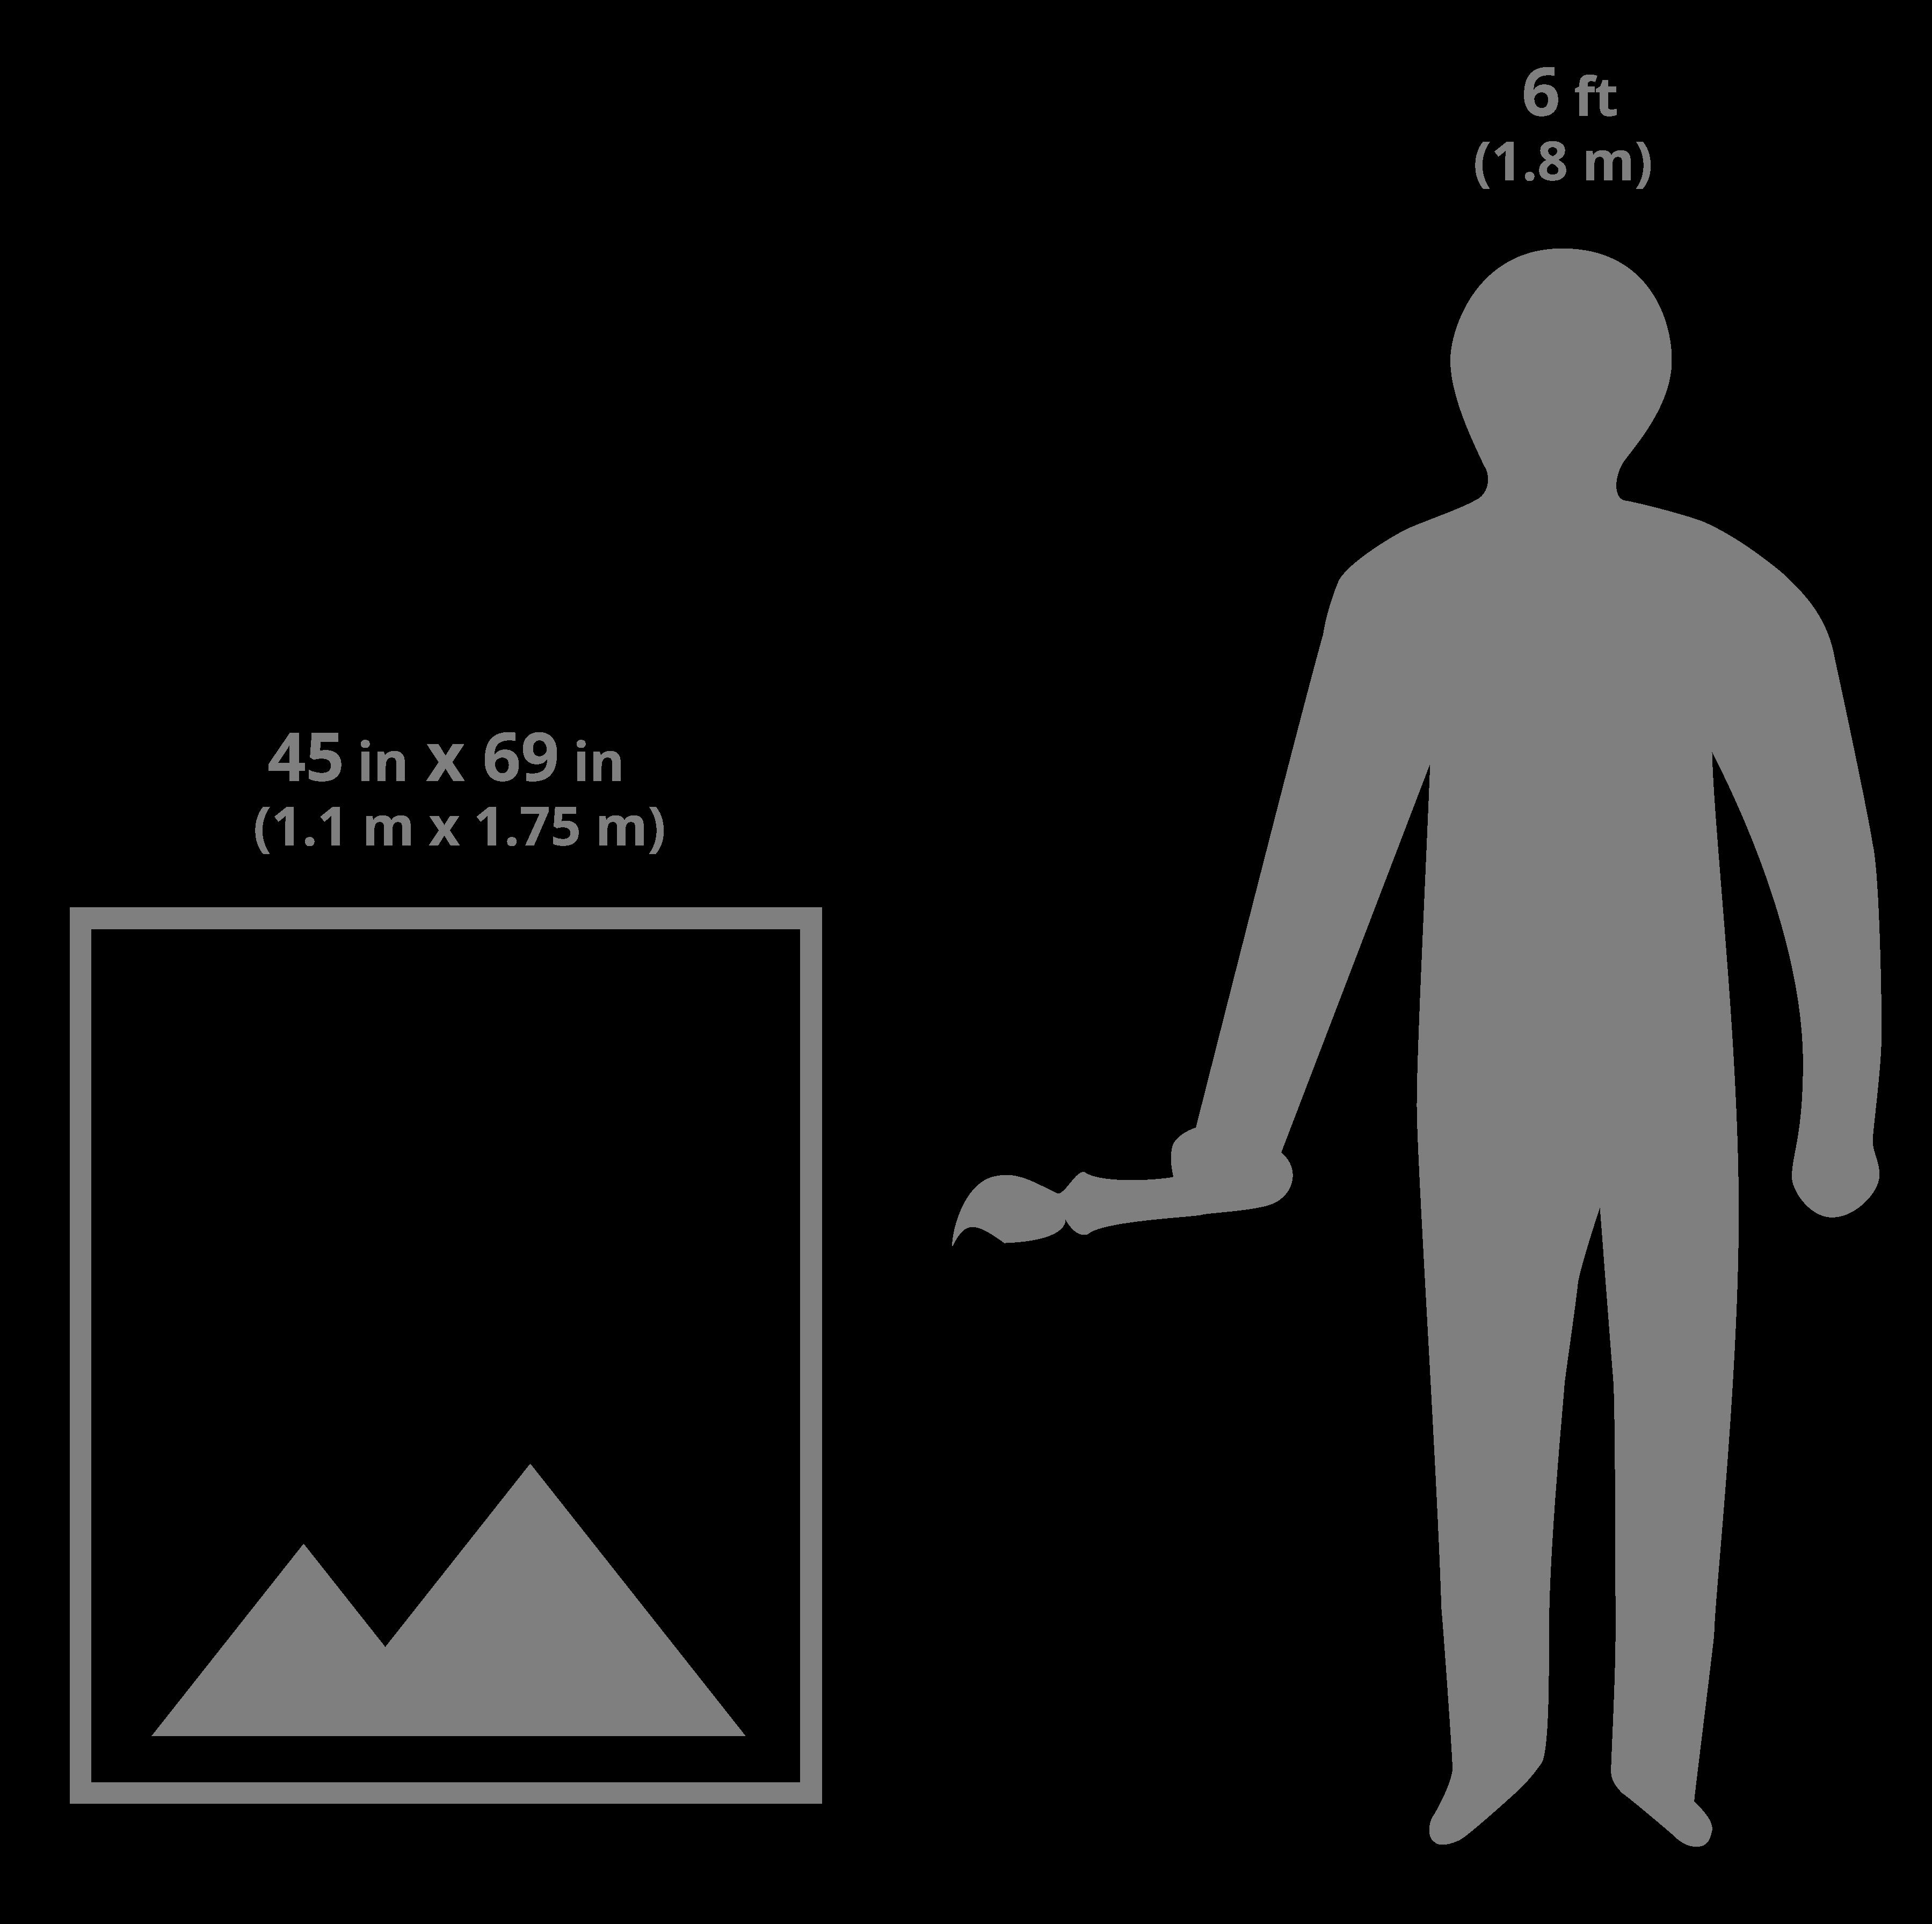 45x69 art sizing scale image